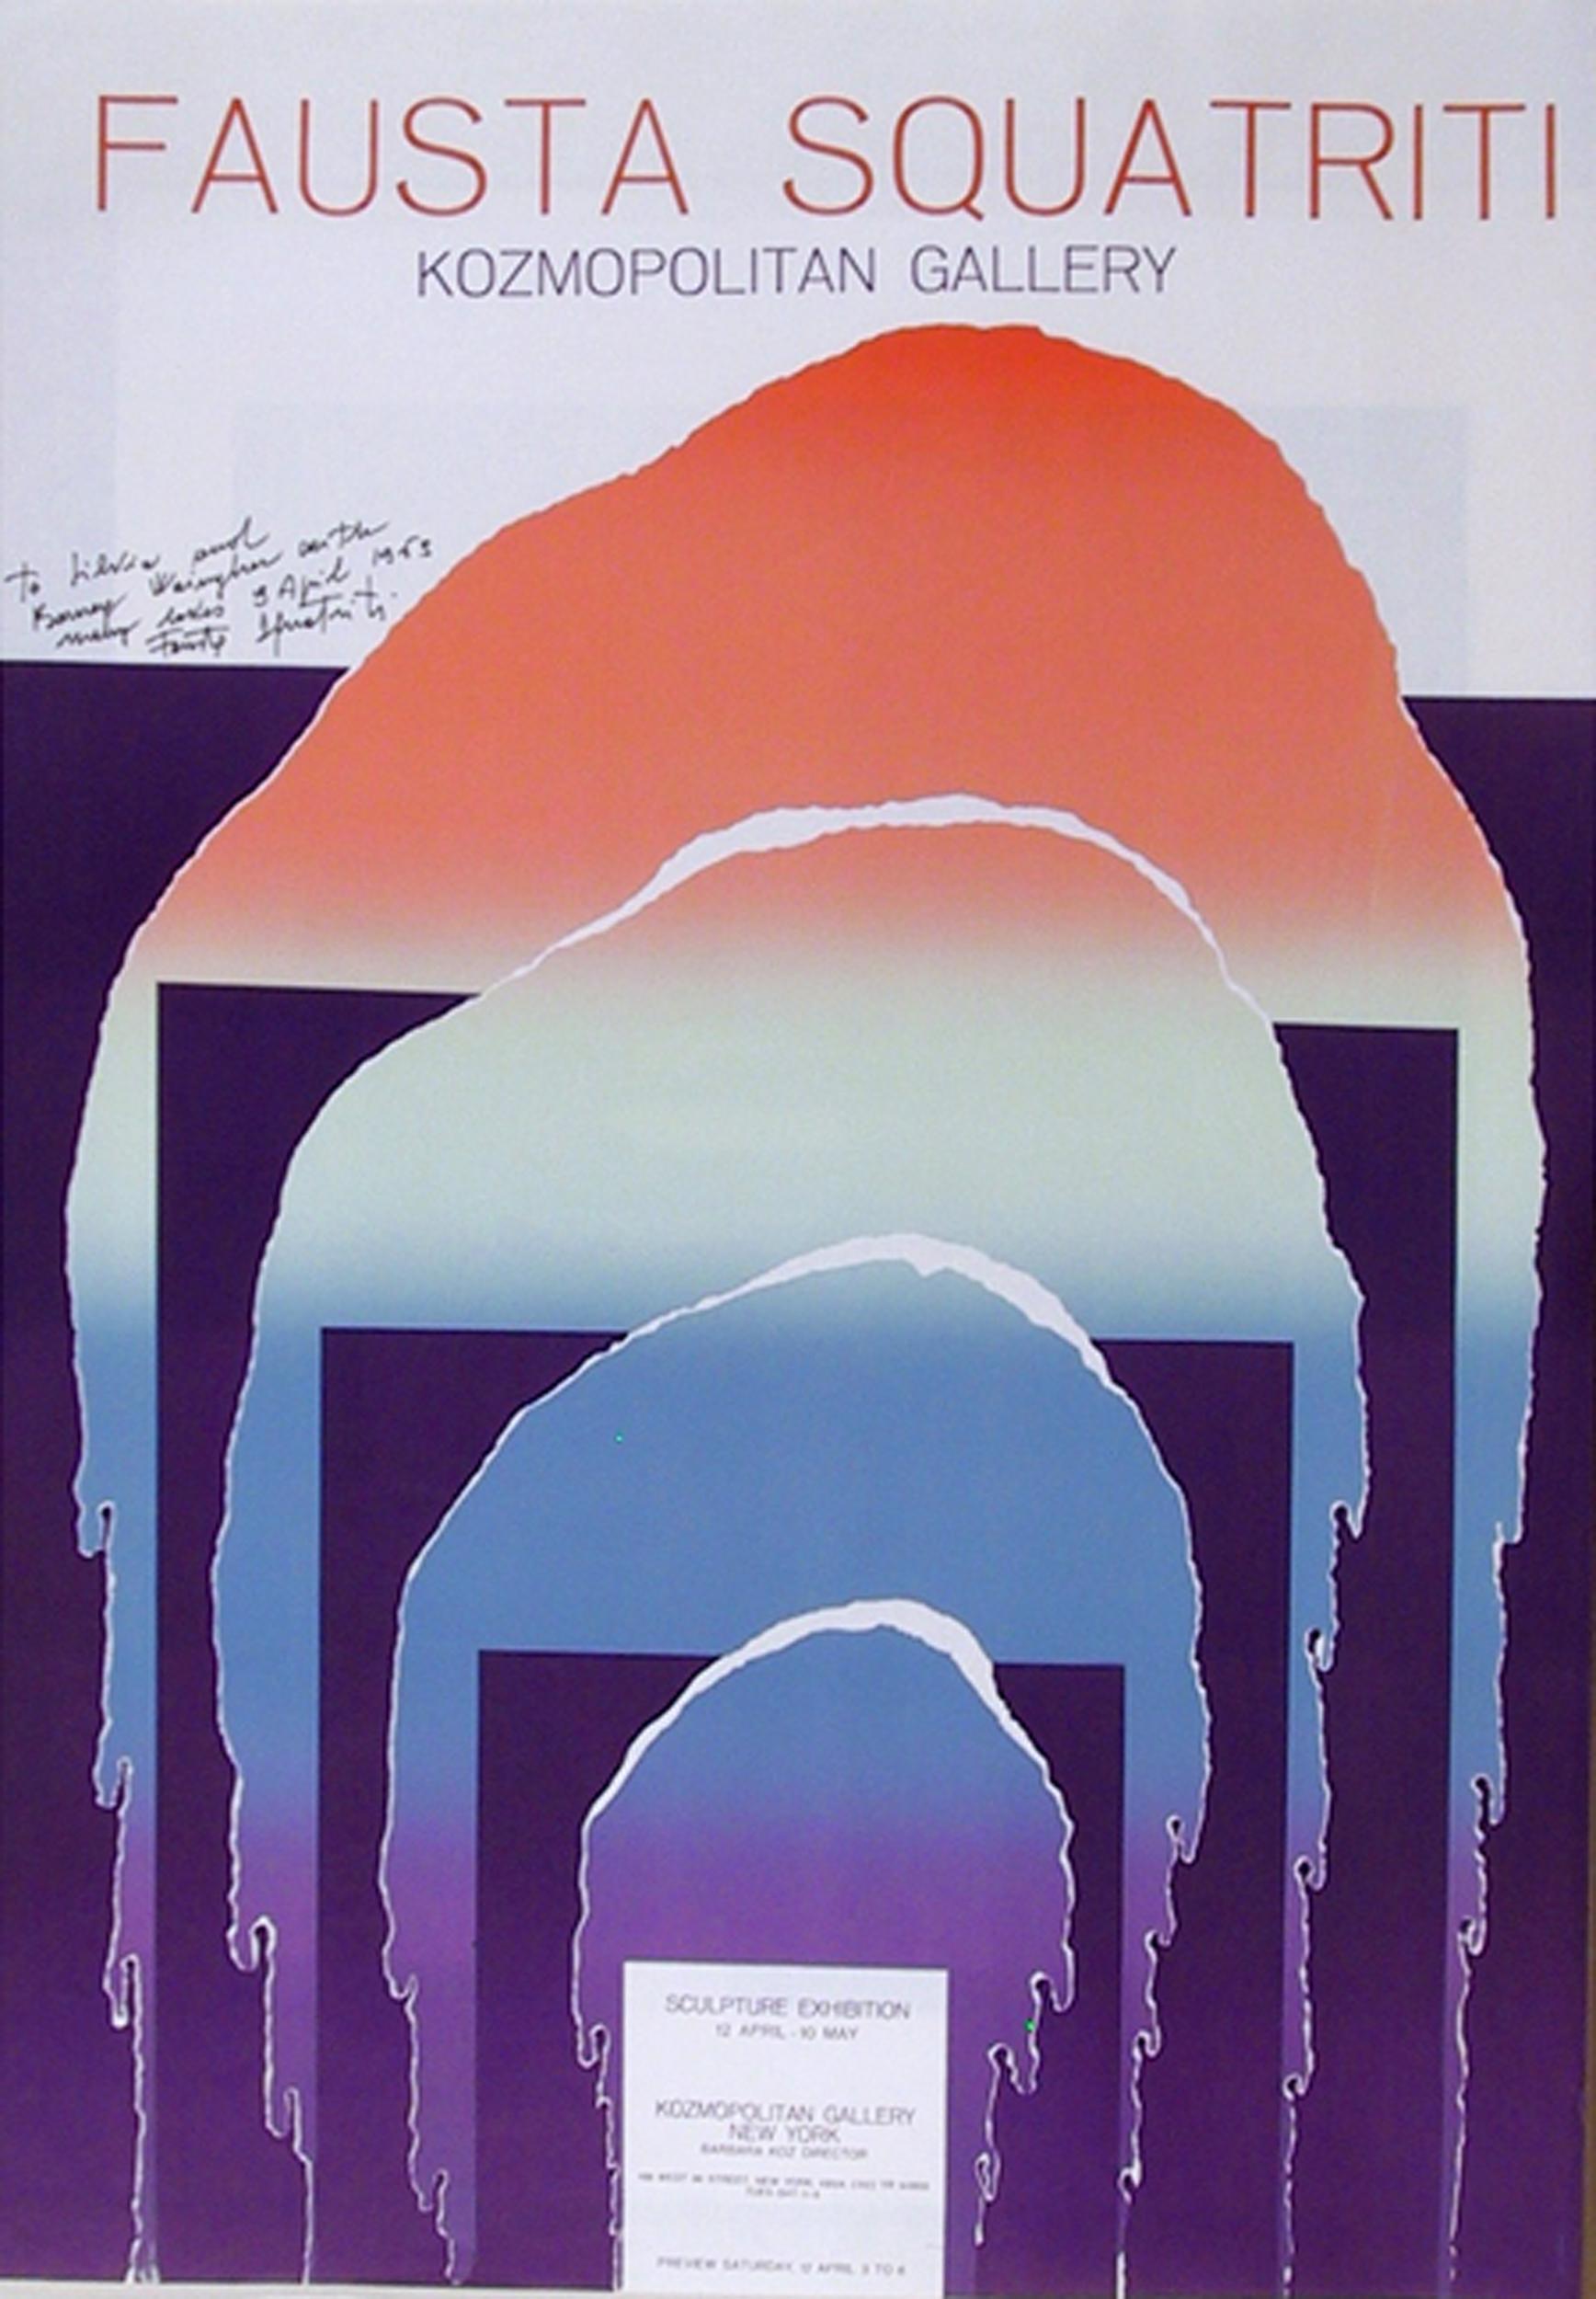 Fausta Squatriti, Kozmopolitan Gallery, Lithograph Poster